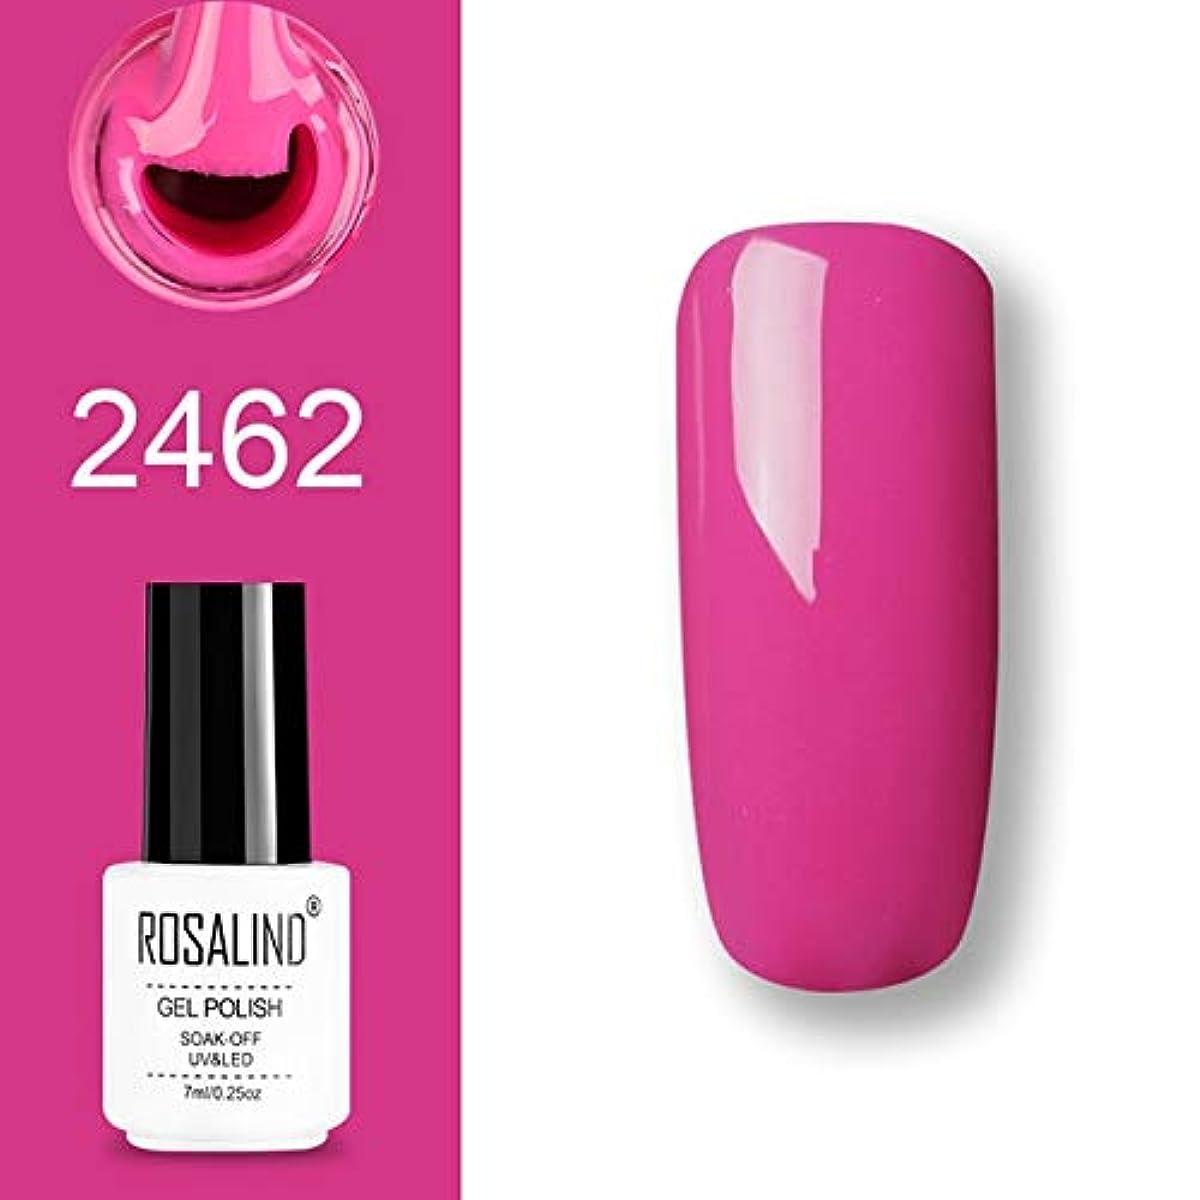 クリックアラート同意ファッションアイテム ROSALINDジェルポリッシュセットUVセミパーマネントプライマートップコートポリジェルニスネイルアートマニキュアジェル、ブリリアントレッド、容量:7ml 2462。 環境に優しいマニキュア